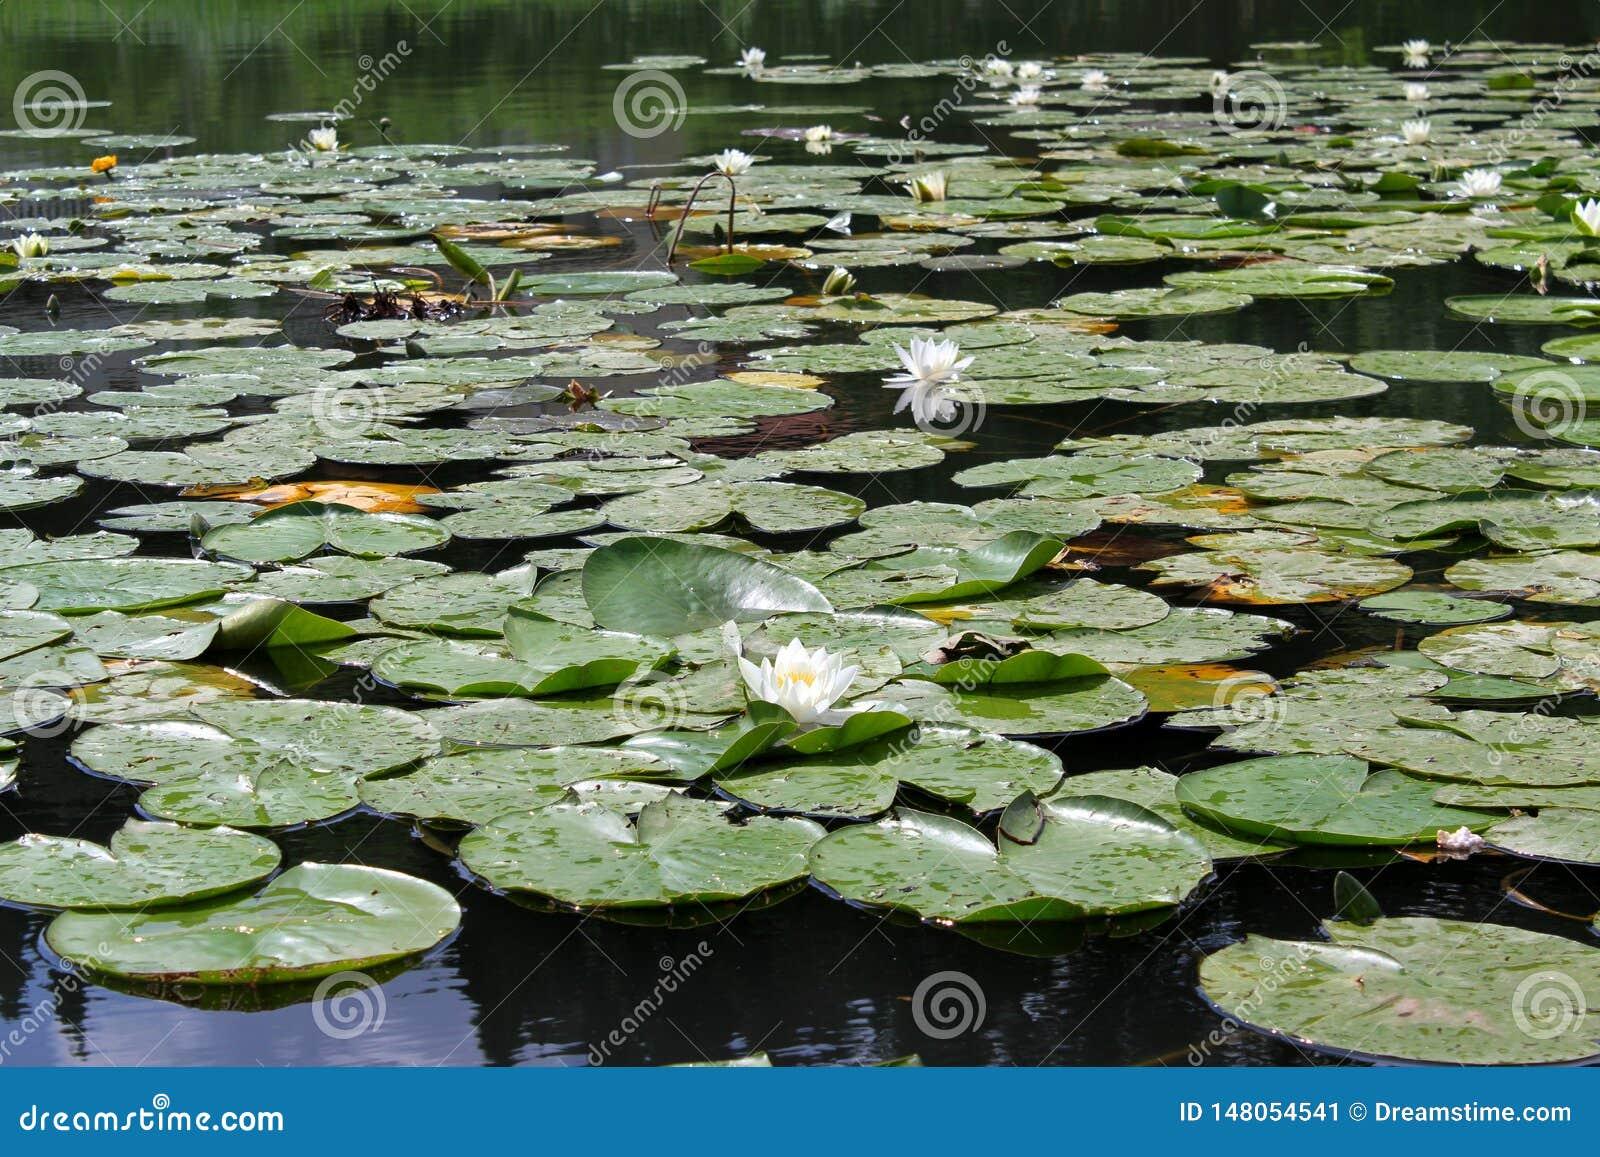 """€ do lírio de água branca"""" uma planta aquática constante Ðœontenegro"""